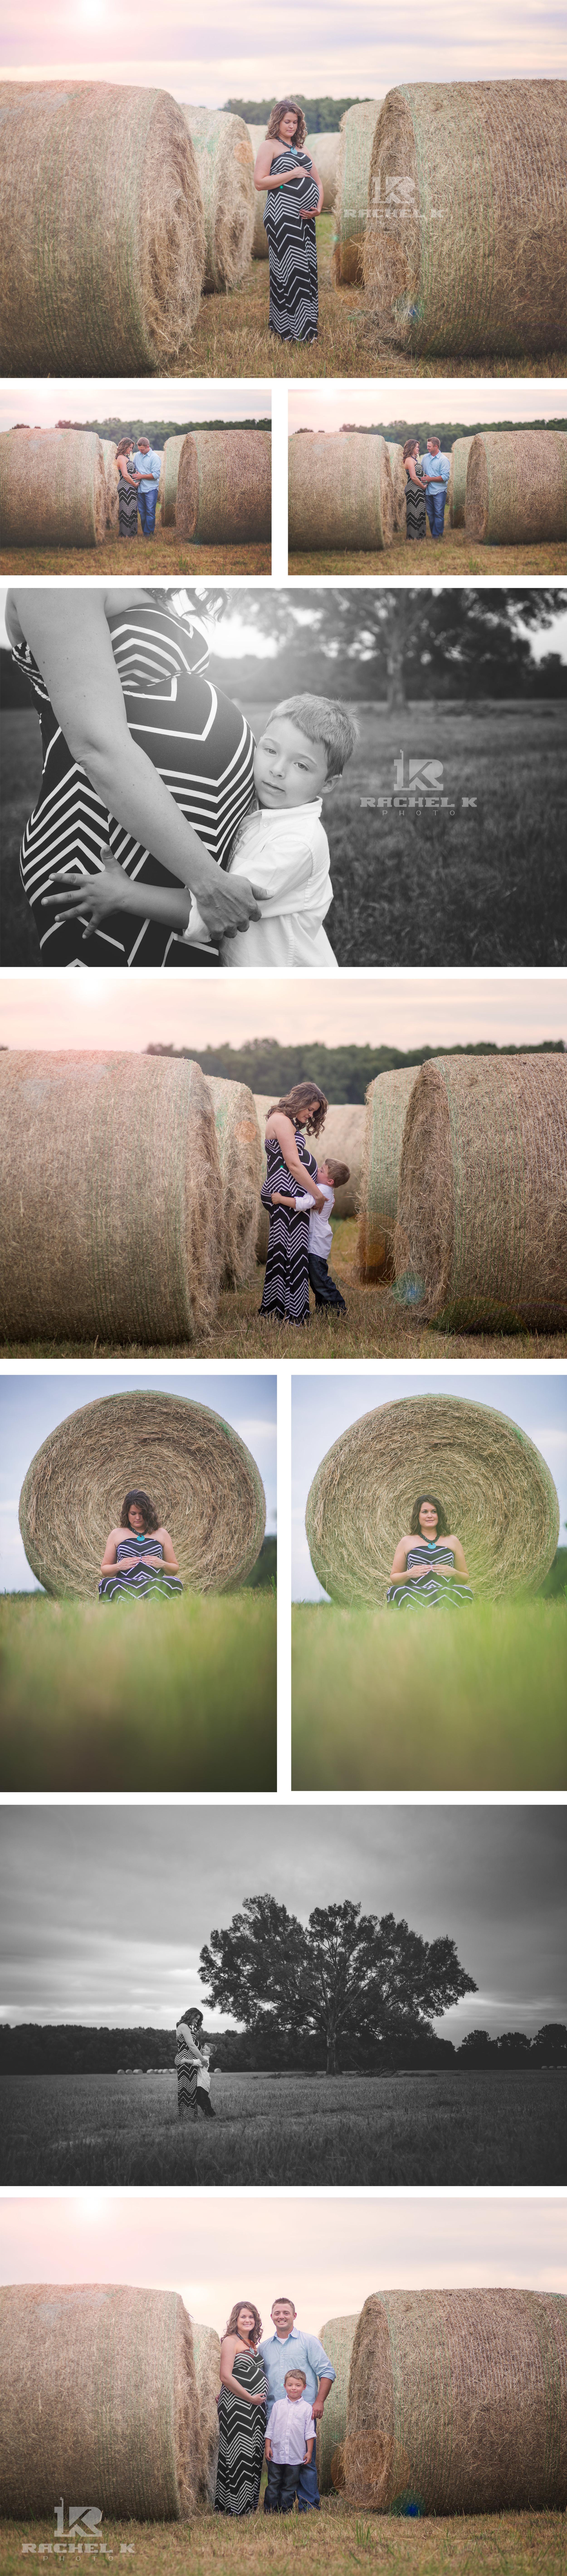 Maternity session in Arkansas field by Rachel K Photo